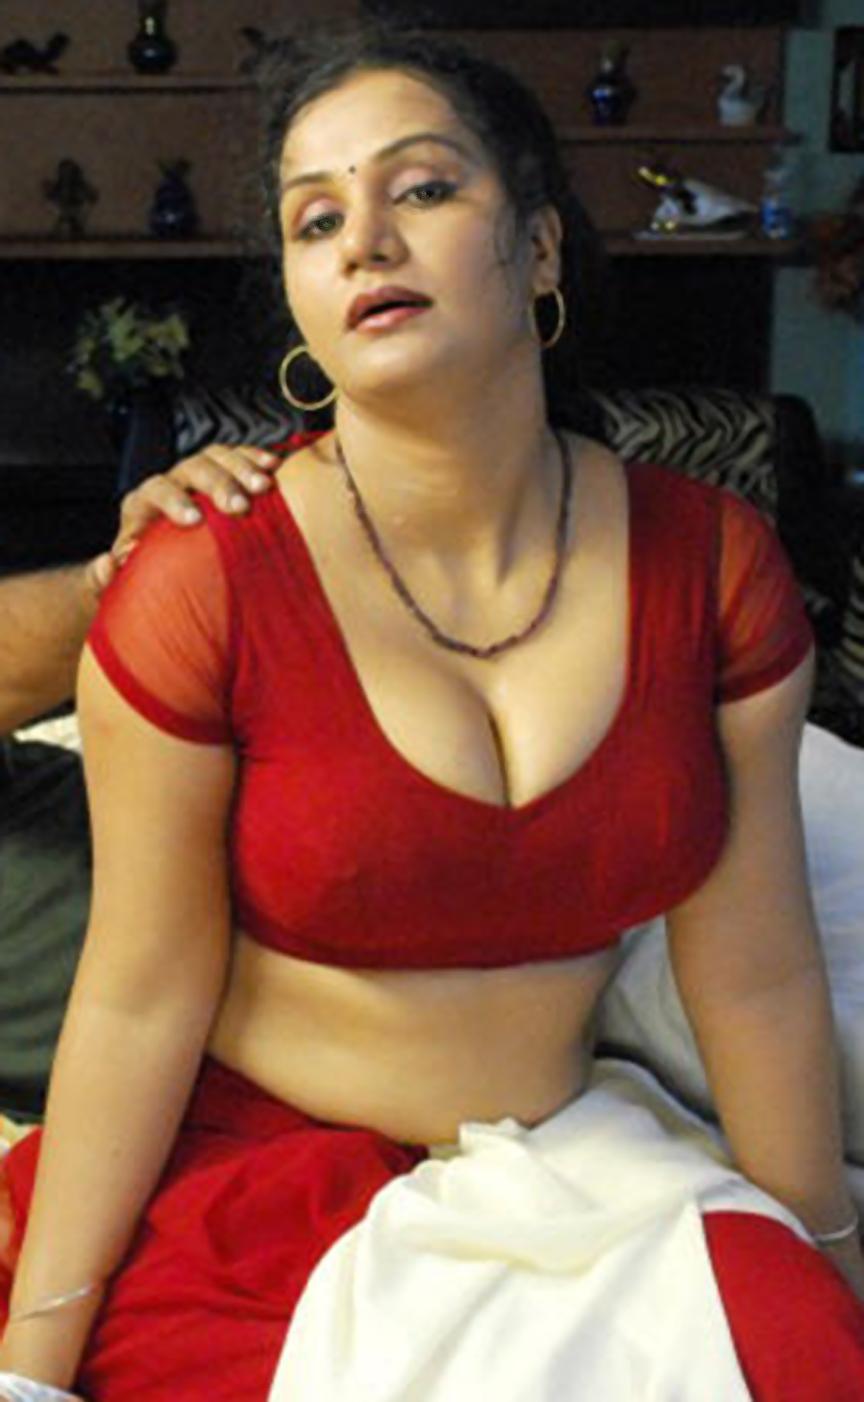 Mallu Hot Serial Actress Photos: Apoorva sexy photos